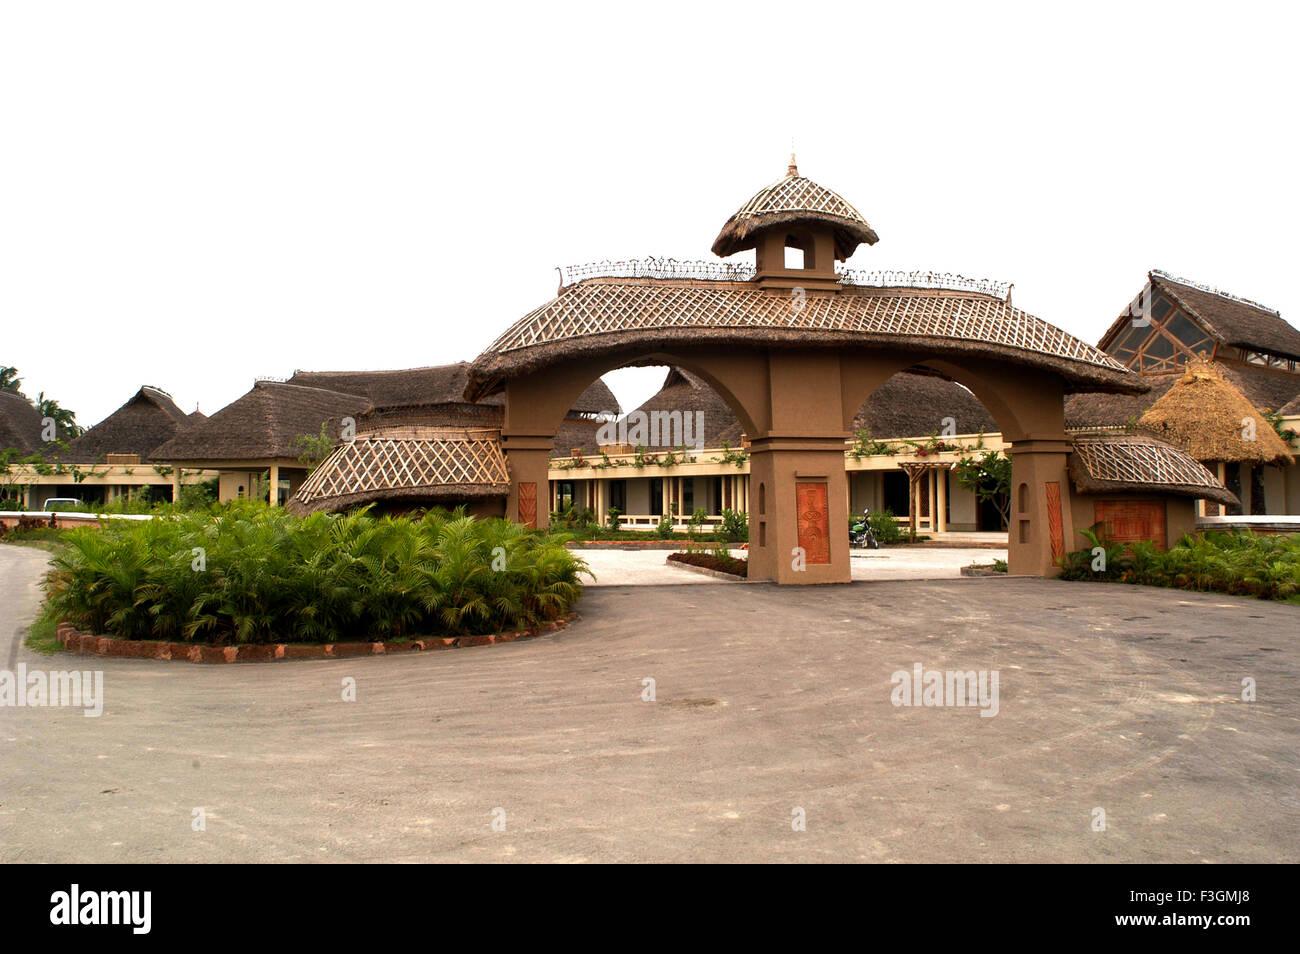 Villaggio vedico in Kolkata ; India Immagini Stock